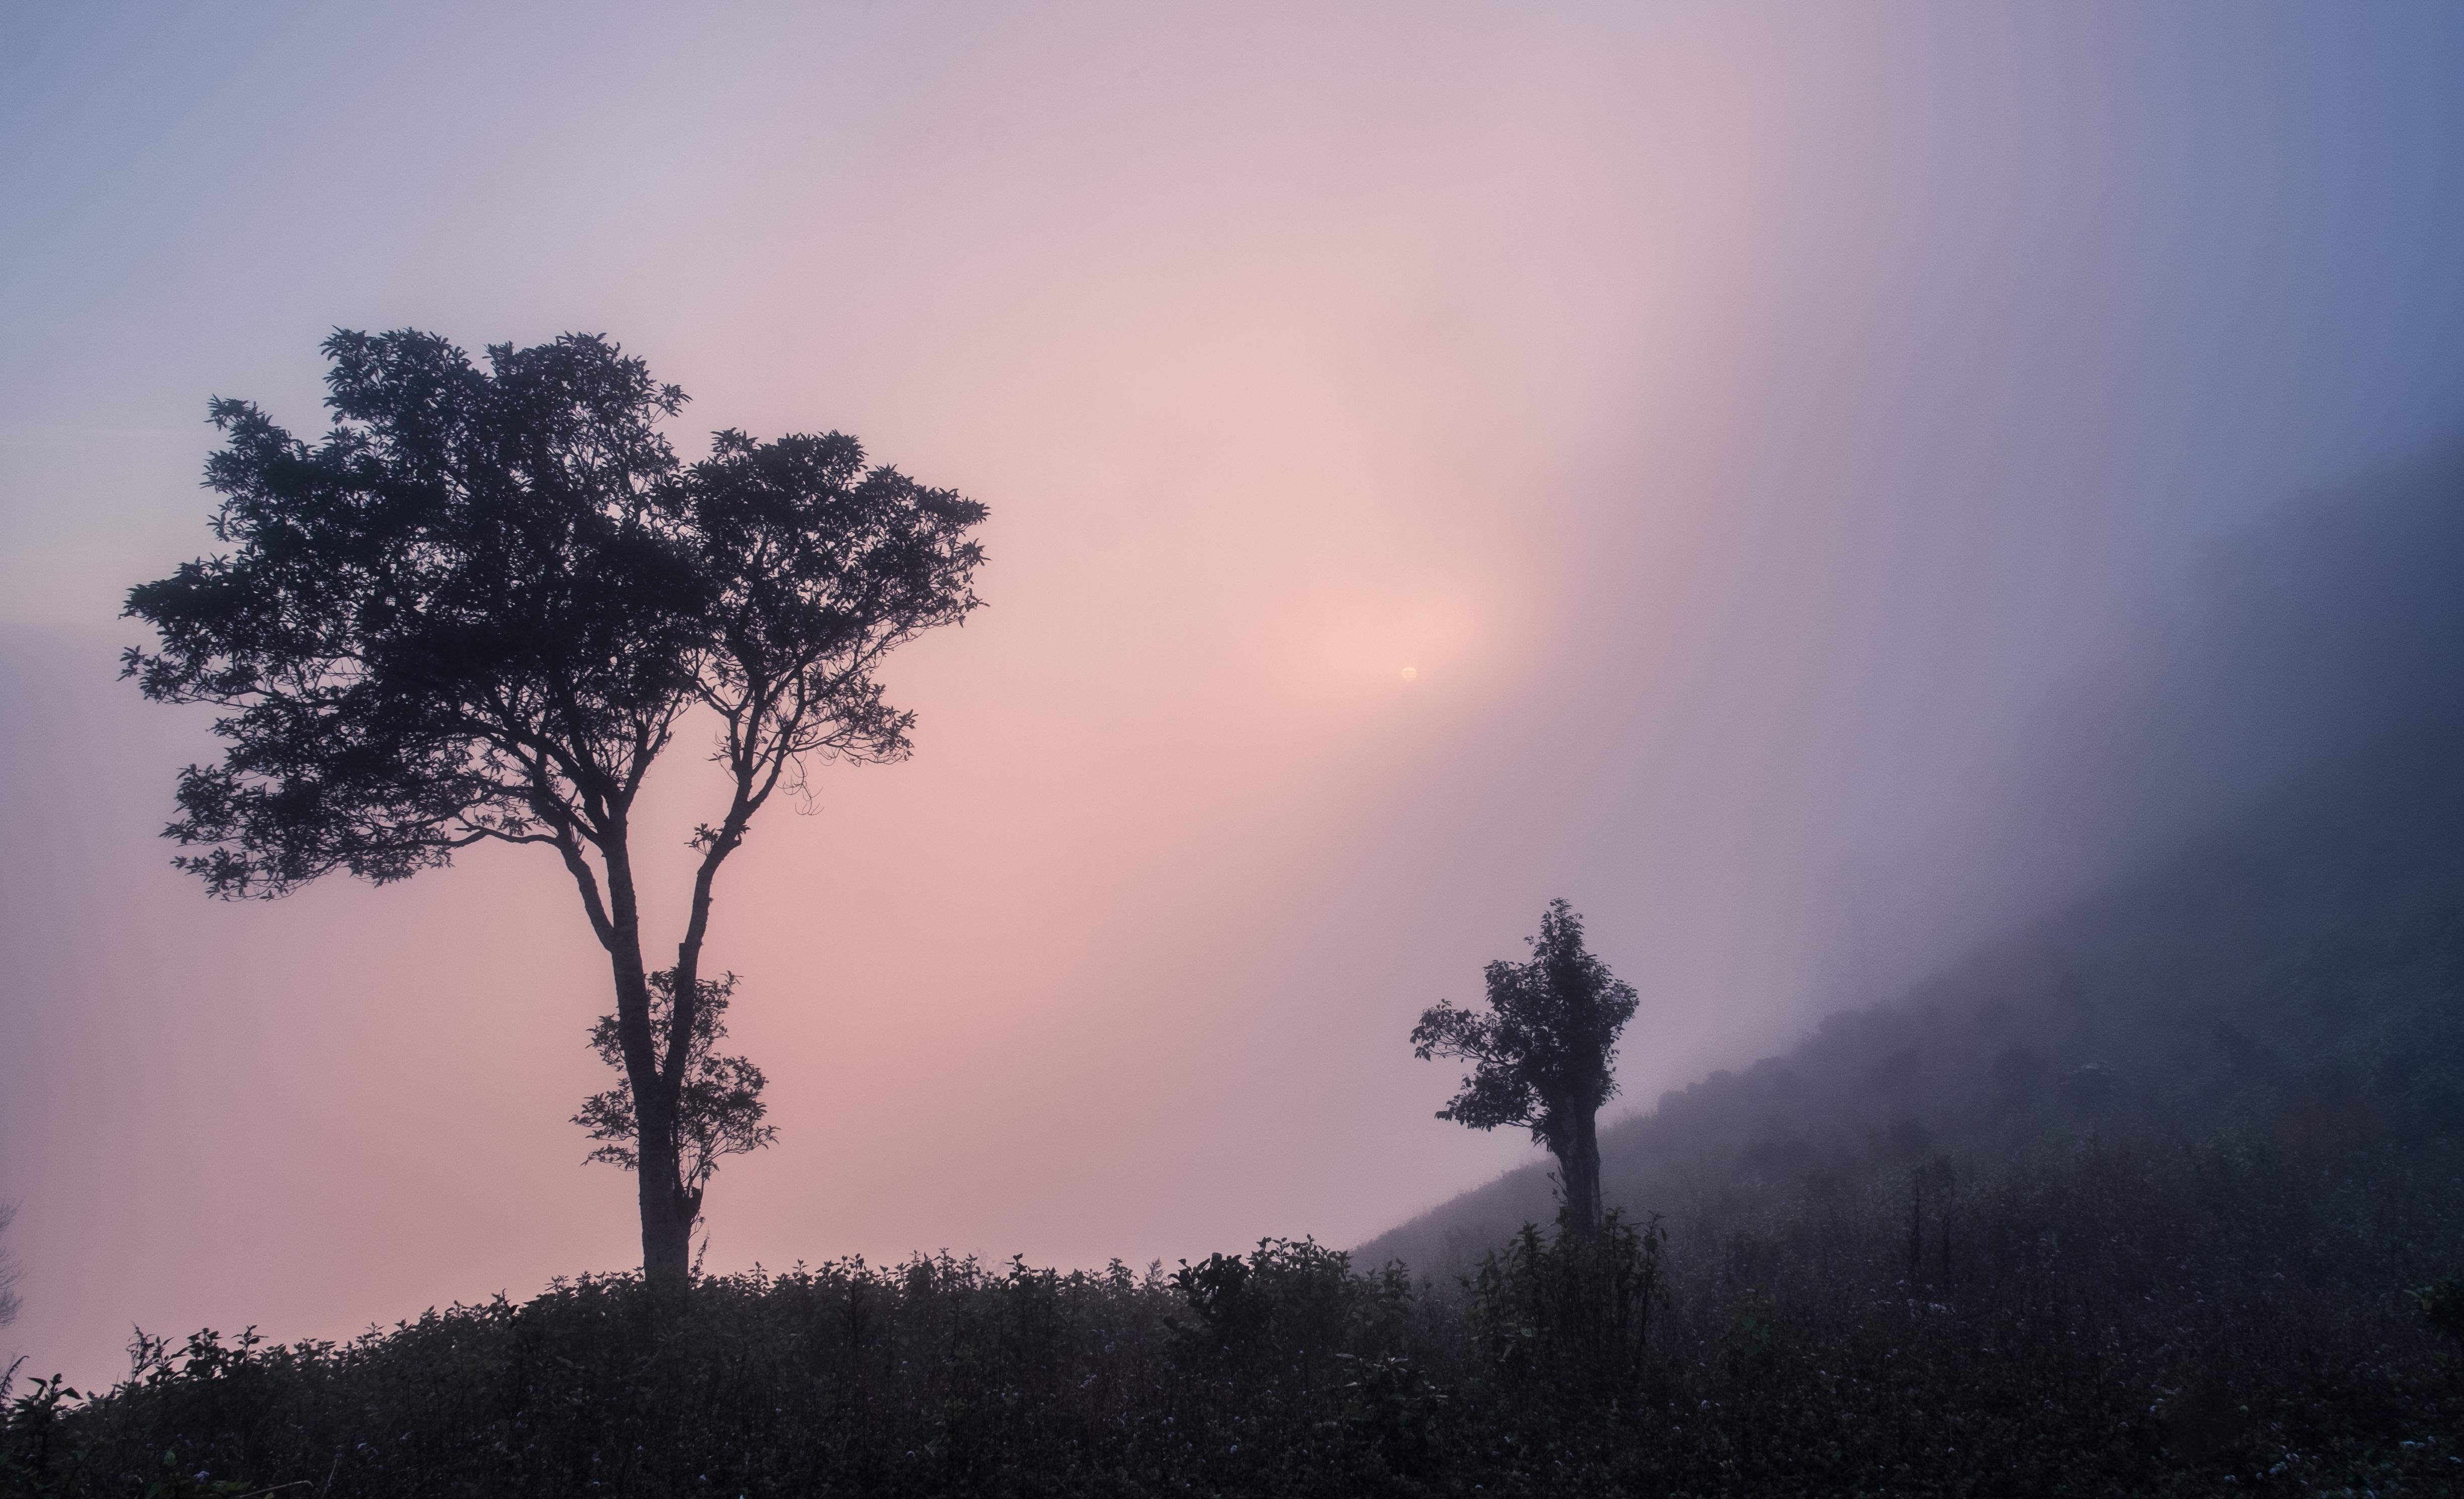 hình ảnh : cây, thiên nhiên, rừng, núi, đám mây, thực vật, Bầu trời, Sương mù, bình Minh, Hoàng hôn, sương mù, Ánh sáng mặt trời, buổi sáng, Bình minh, ...